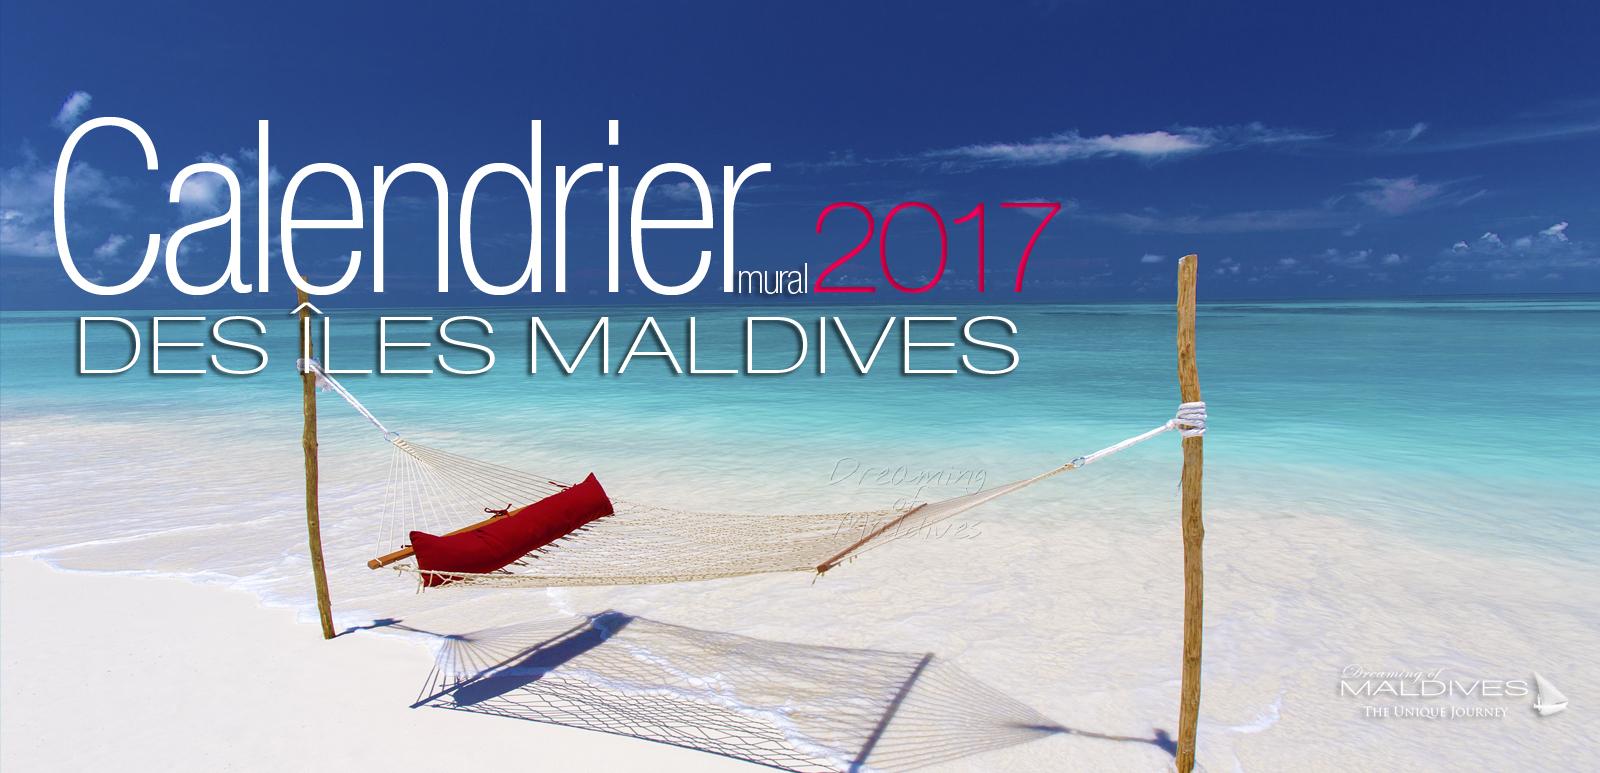 Le Calendrier 2017 Des Iles Maldives est Arrivé !